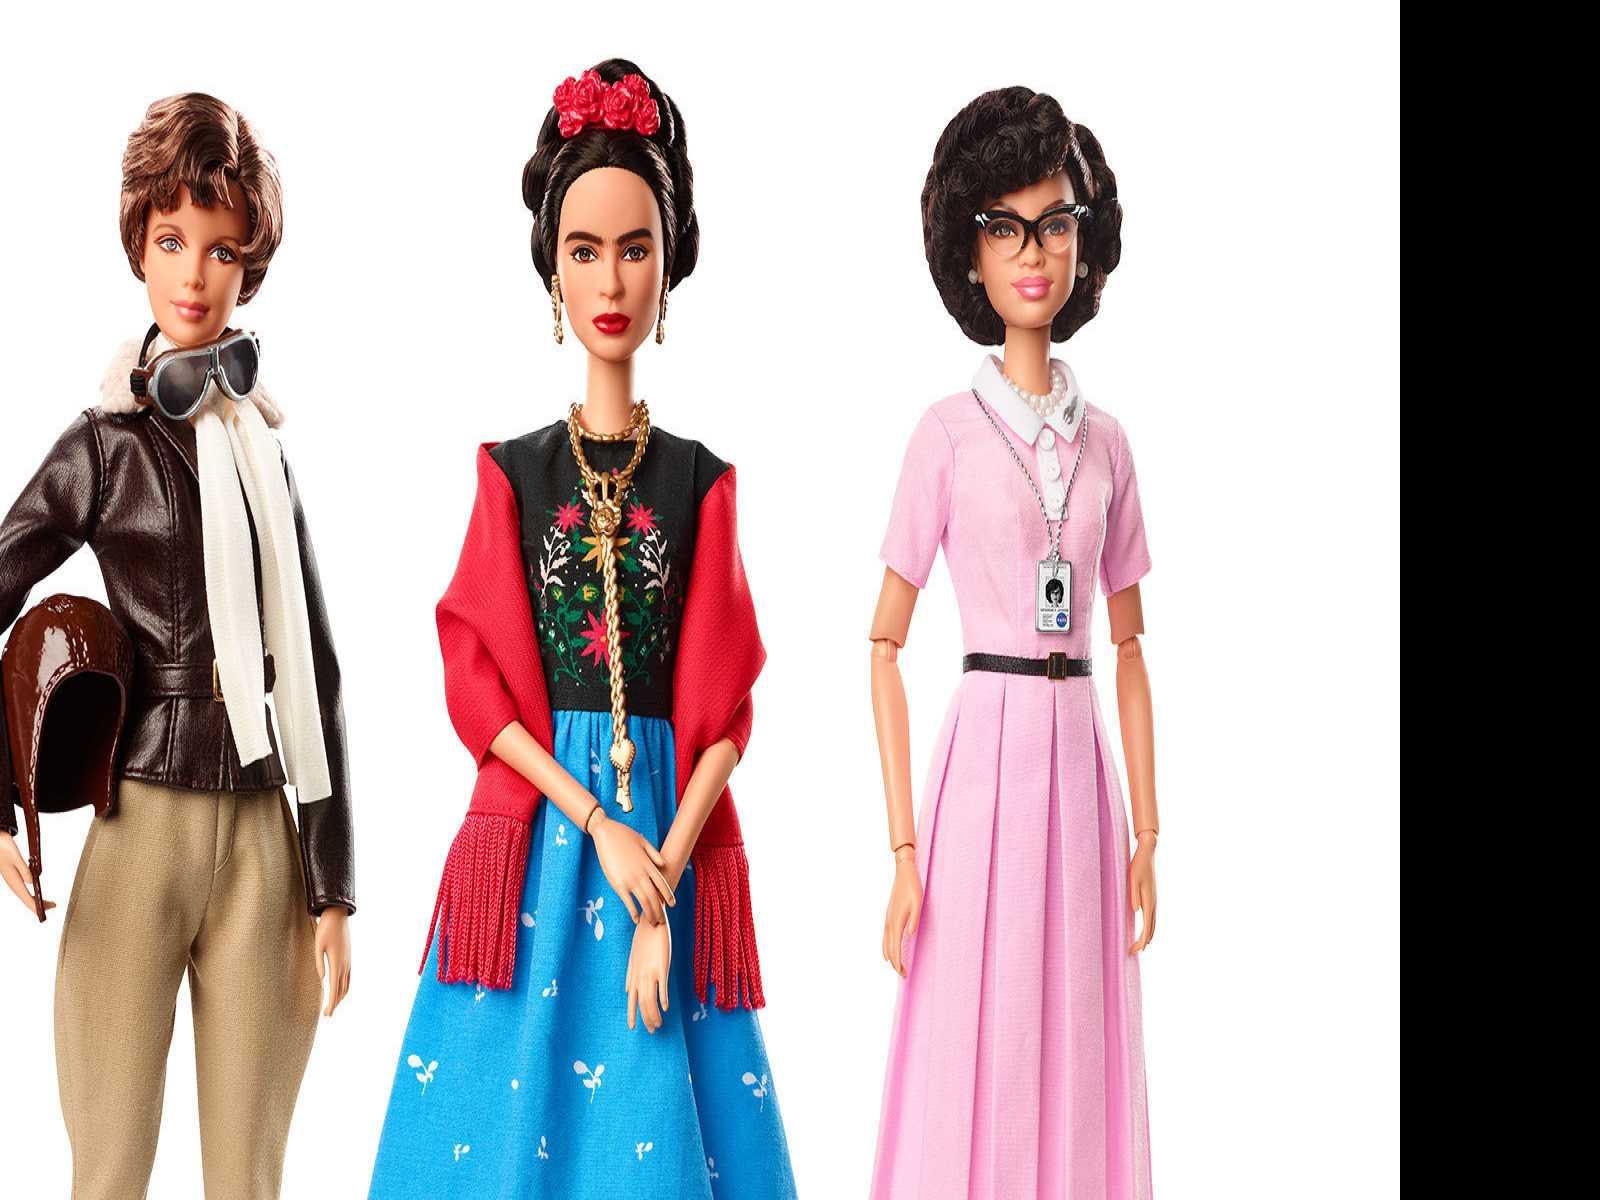 Mattel in Dispute with Frida Kahlo Descendant over Doll